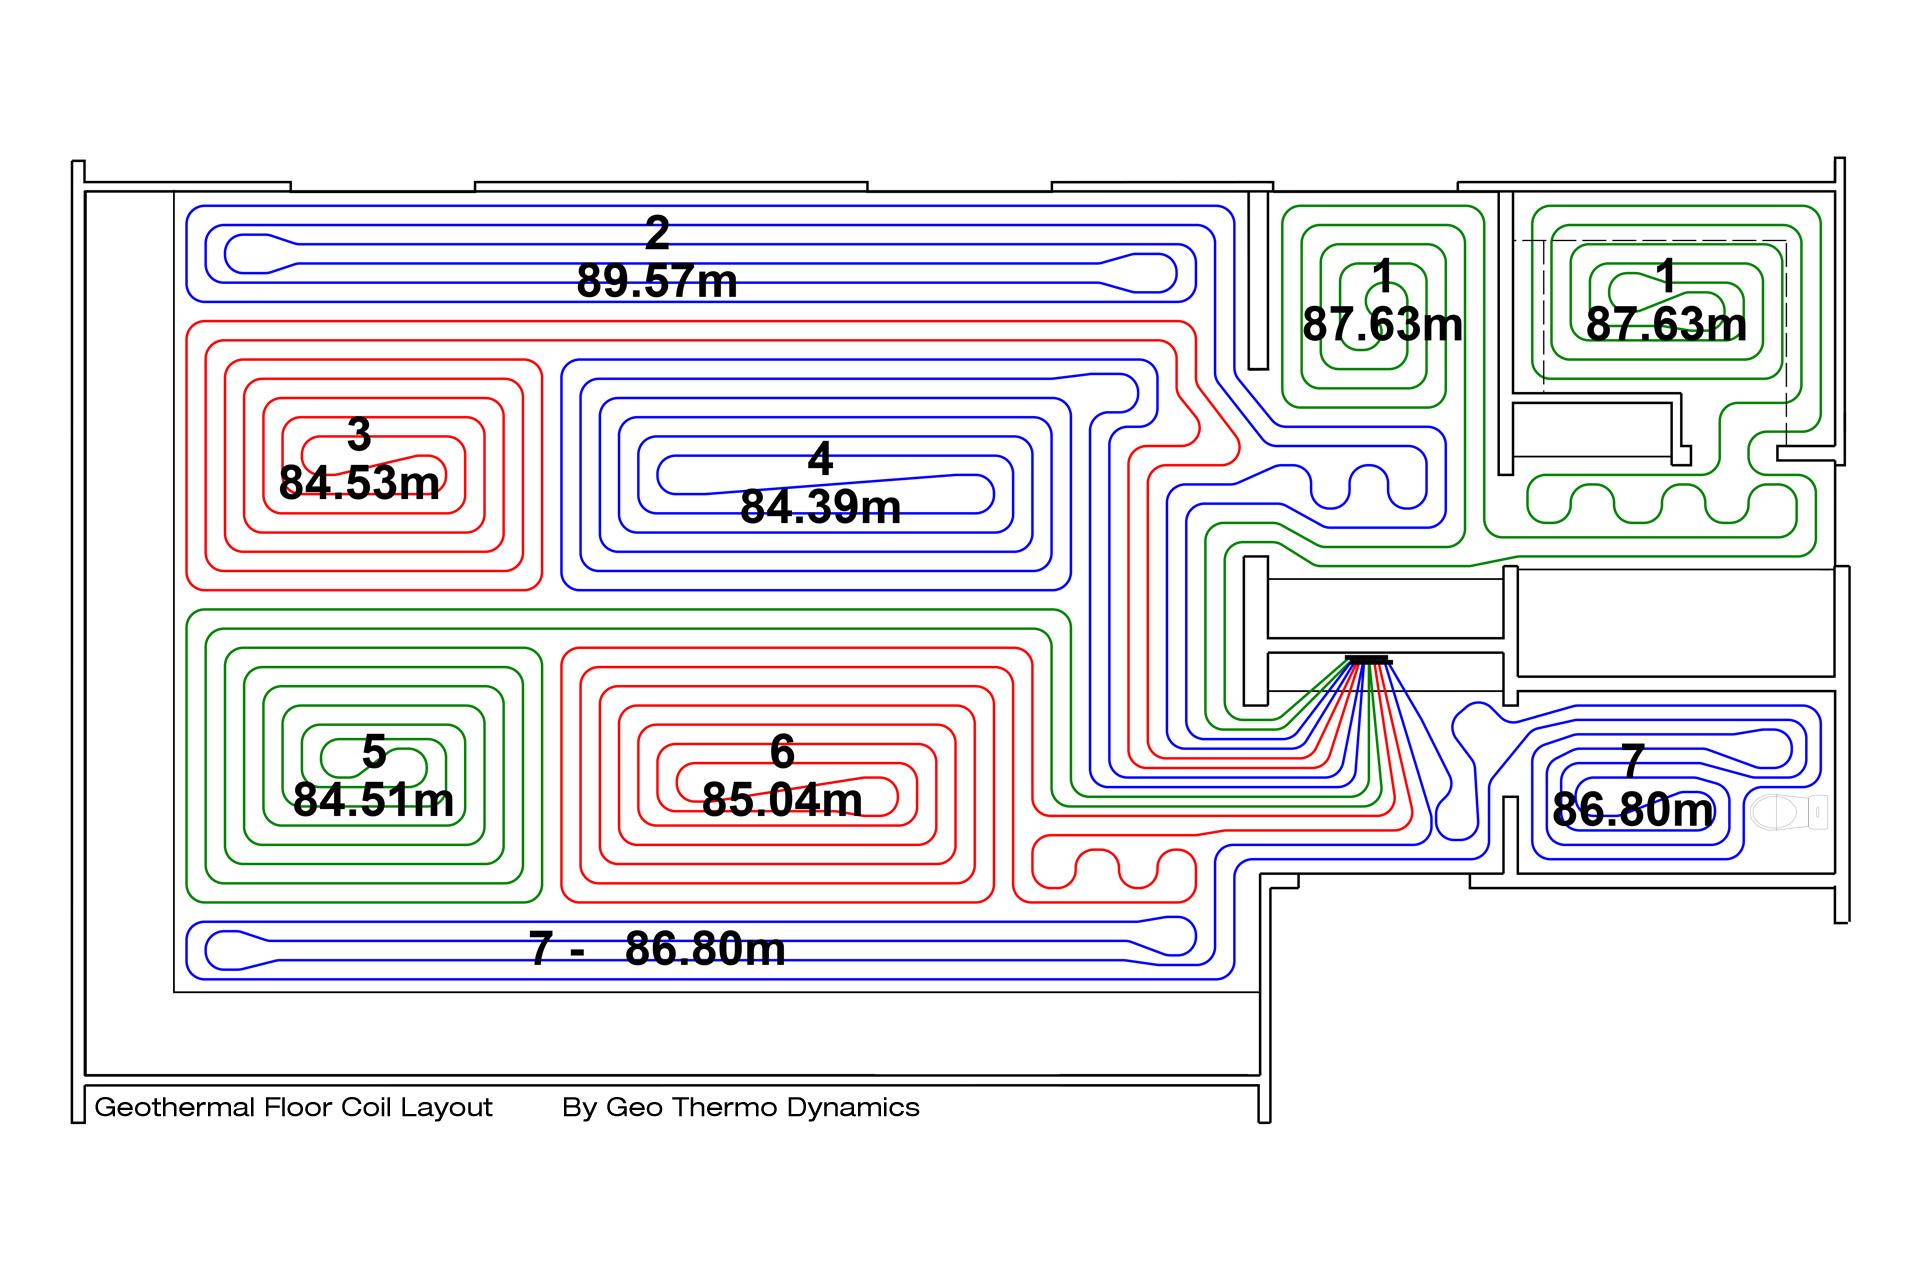 Geothermal-Floor-Diagram.jpg